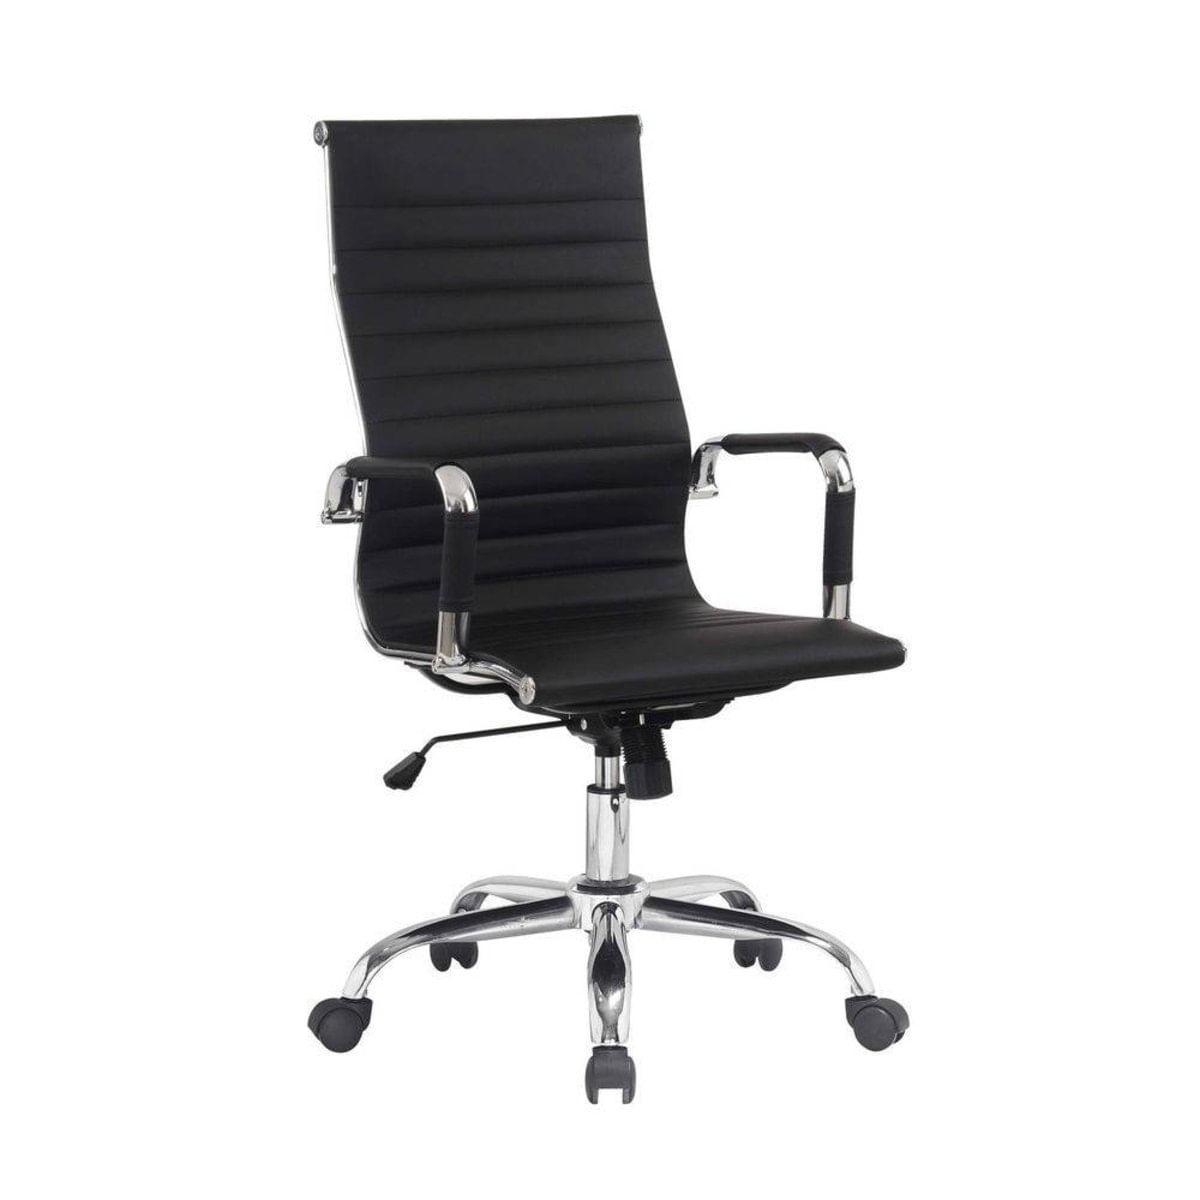 Image of: Conjunto Com 1 Cadeira Presidente Giratoria E 2 Cadeiras Executivas Base Fixa Para Escritorio Esteirinha Boston Preta Carrefour Carrefour